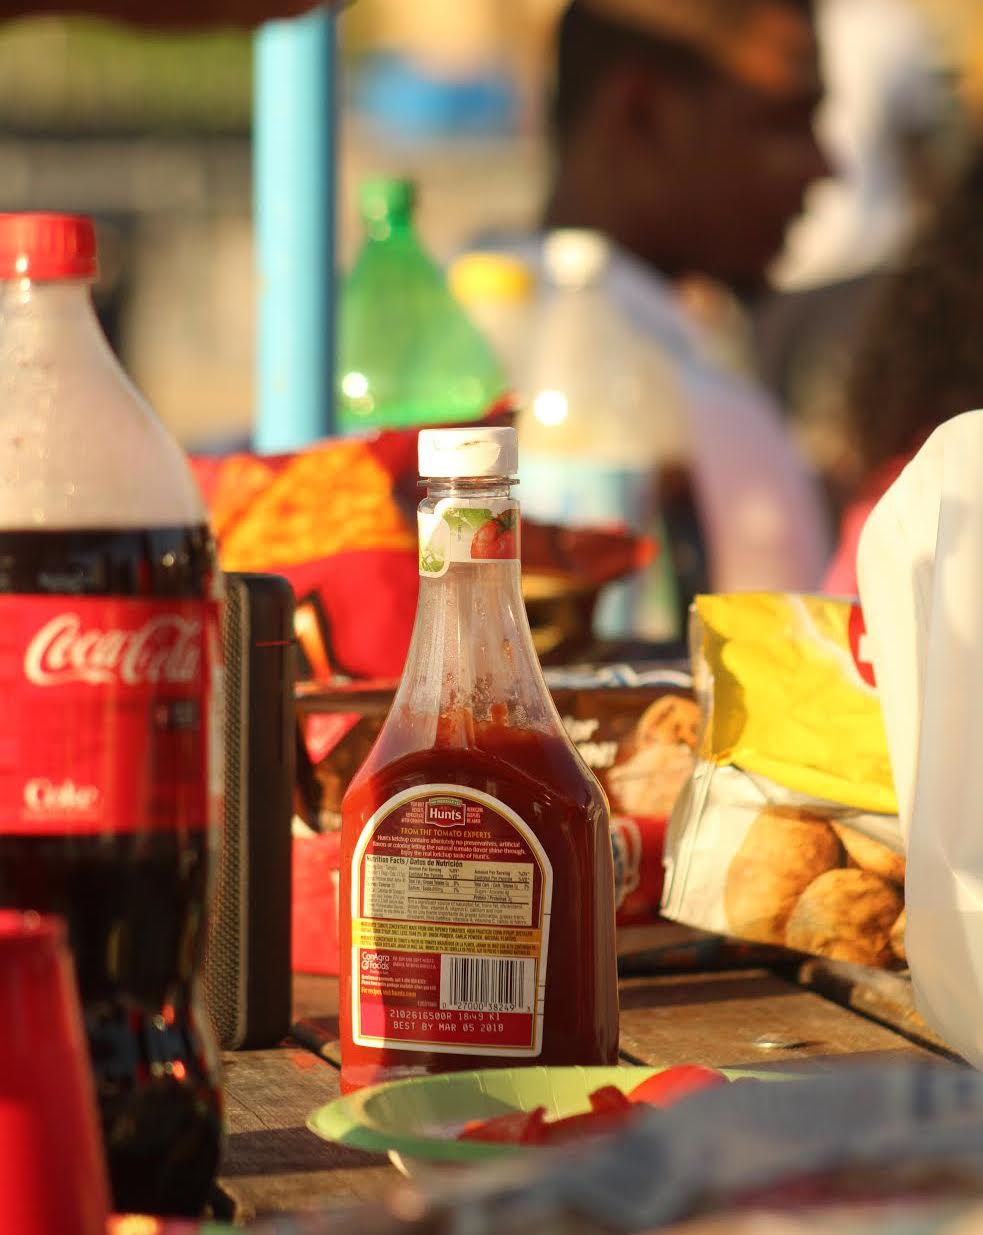 coca cola orientation